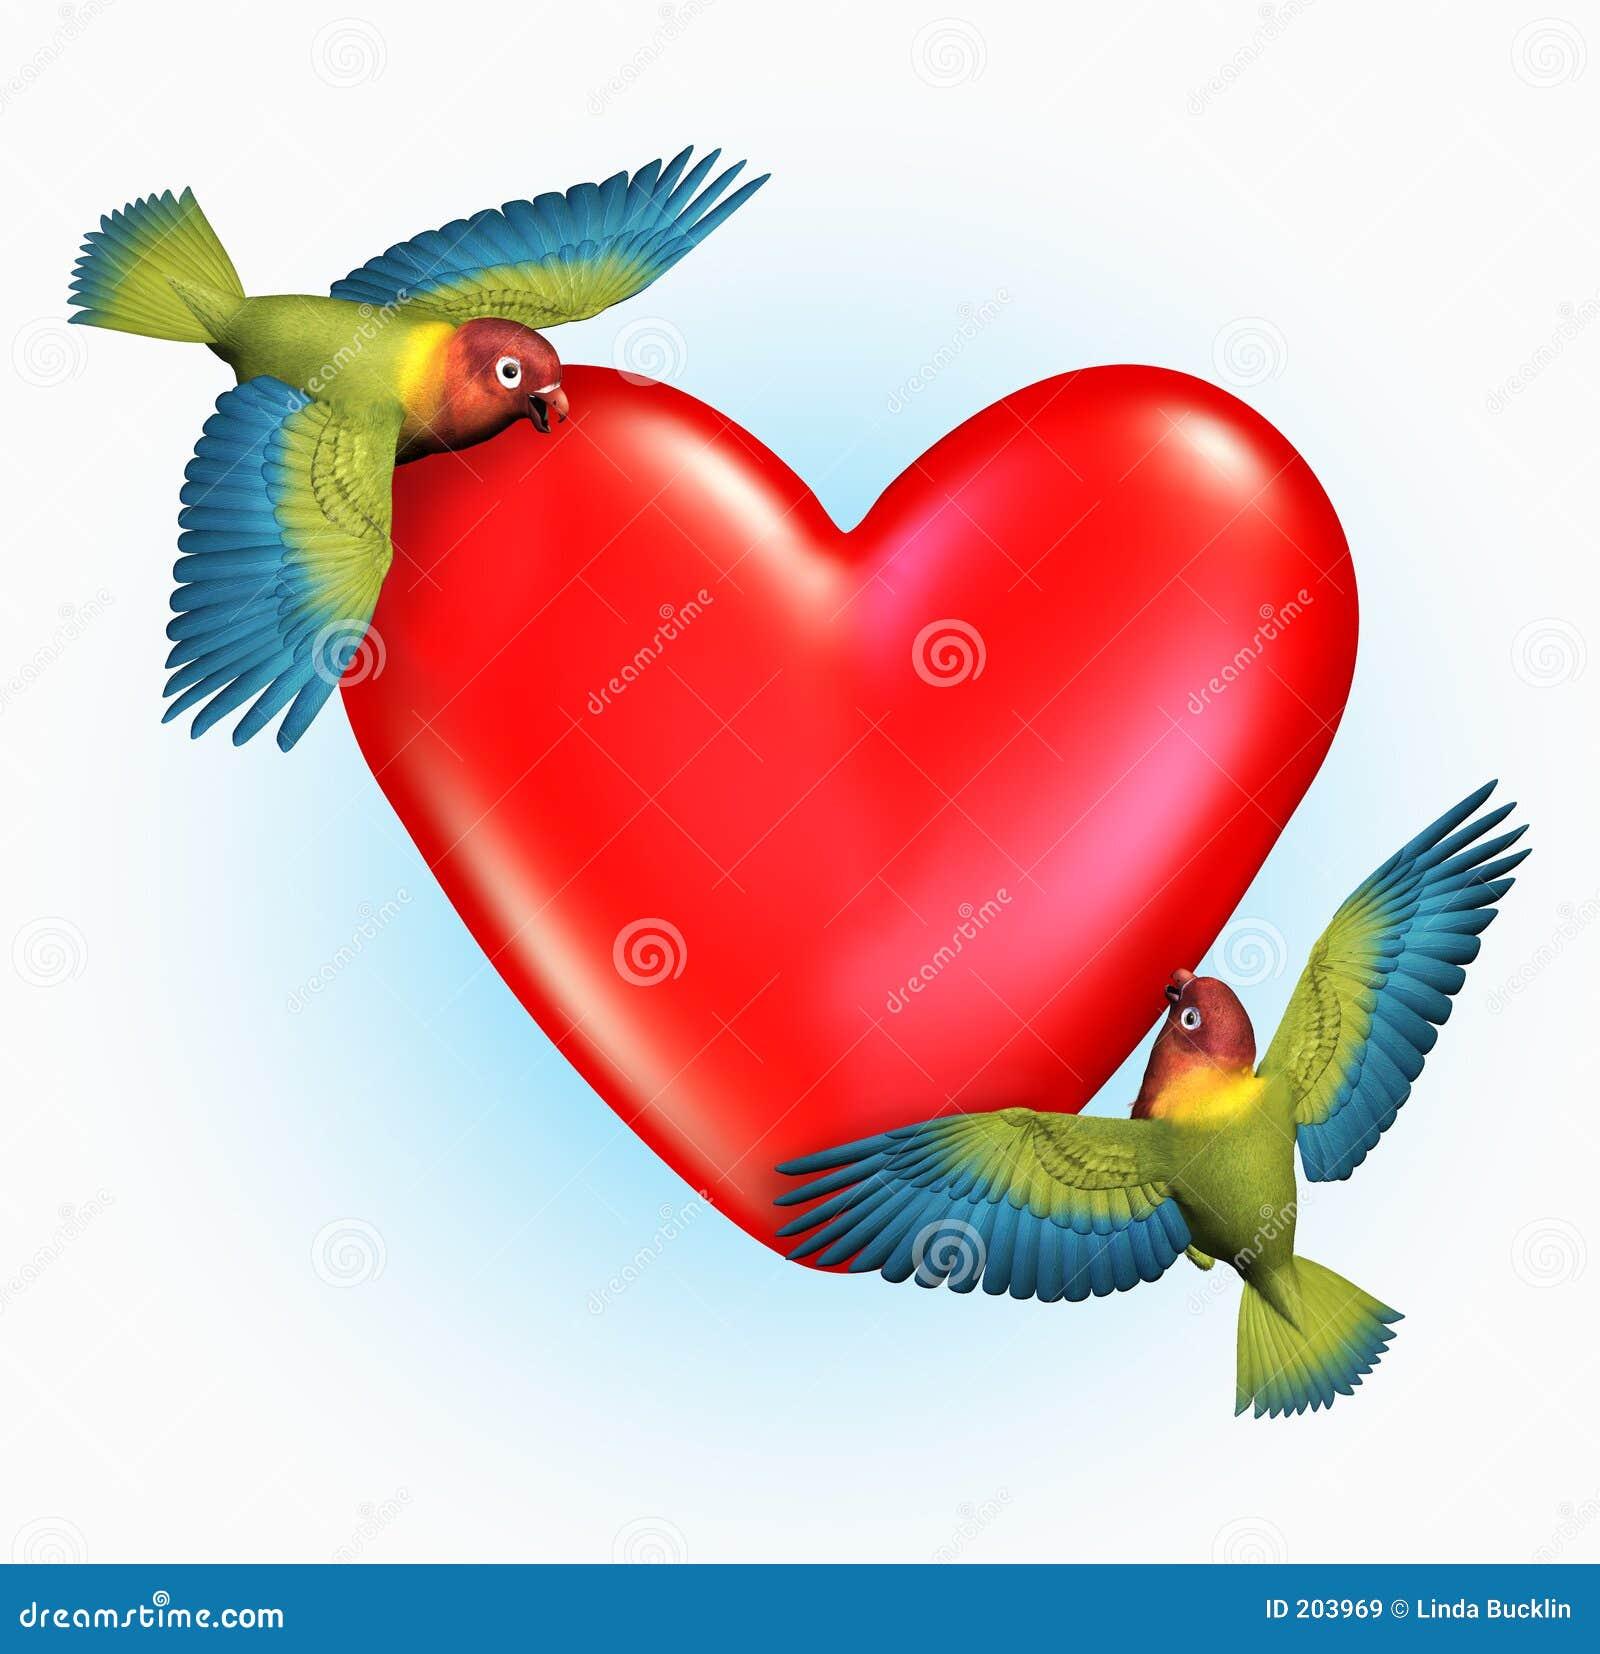 Clippingflyghjärta inkluderar lovebirds nära banan